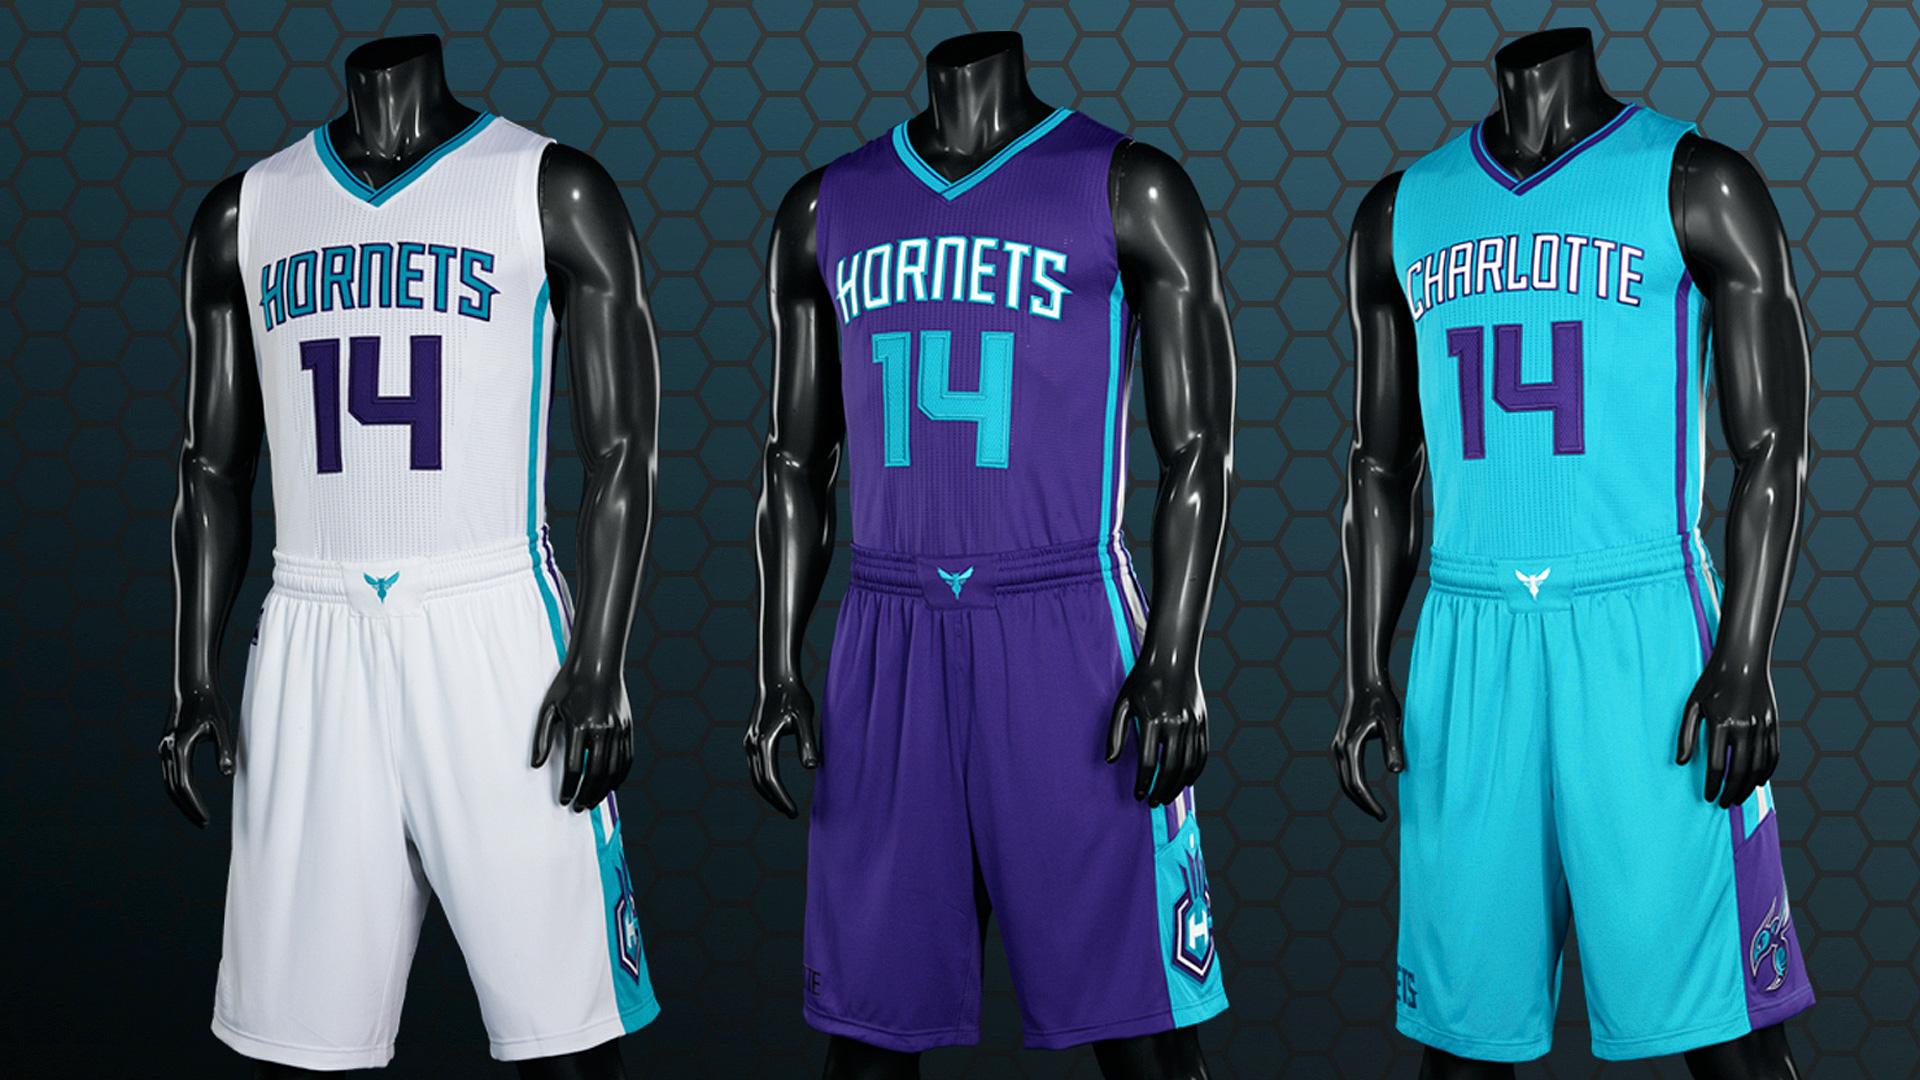 Hornets uniform-061914-AP-FTR.jpg